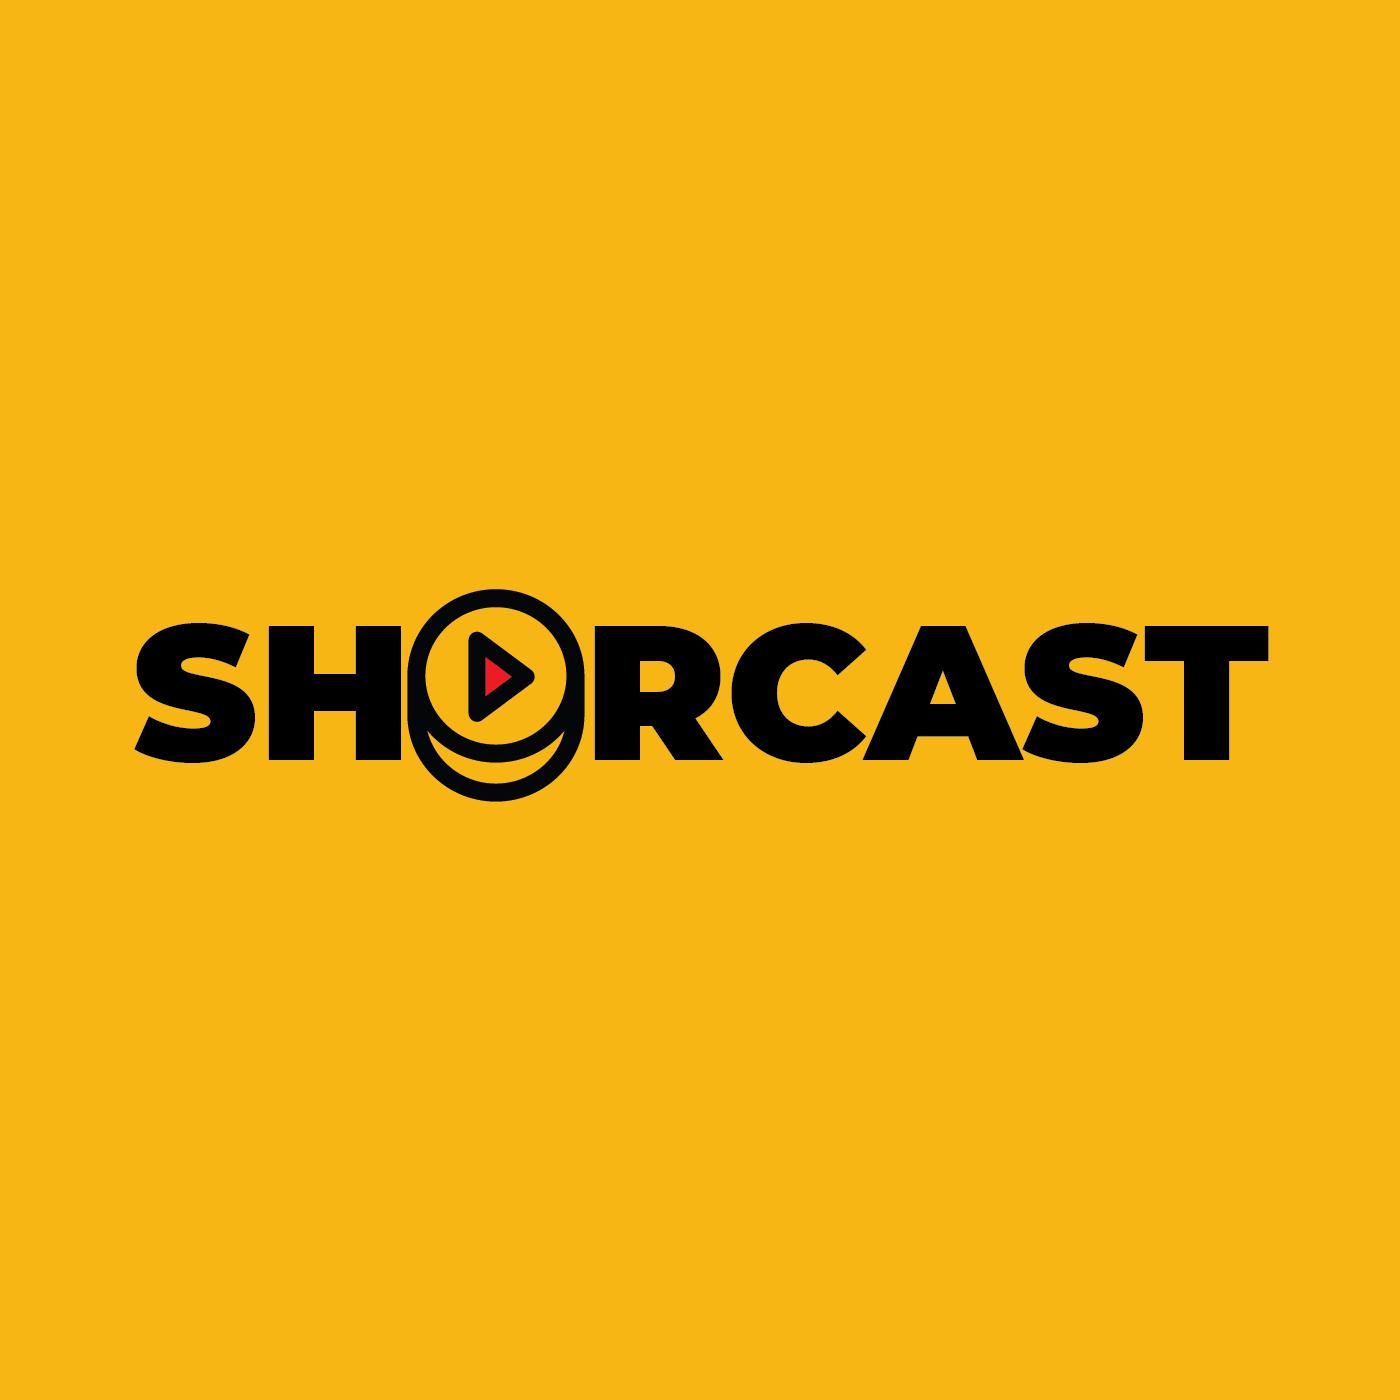 Shorcast show art